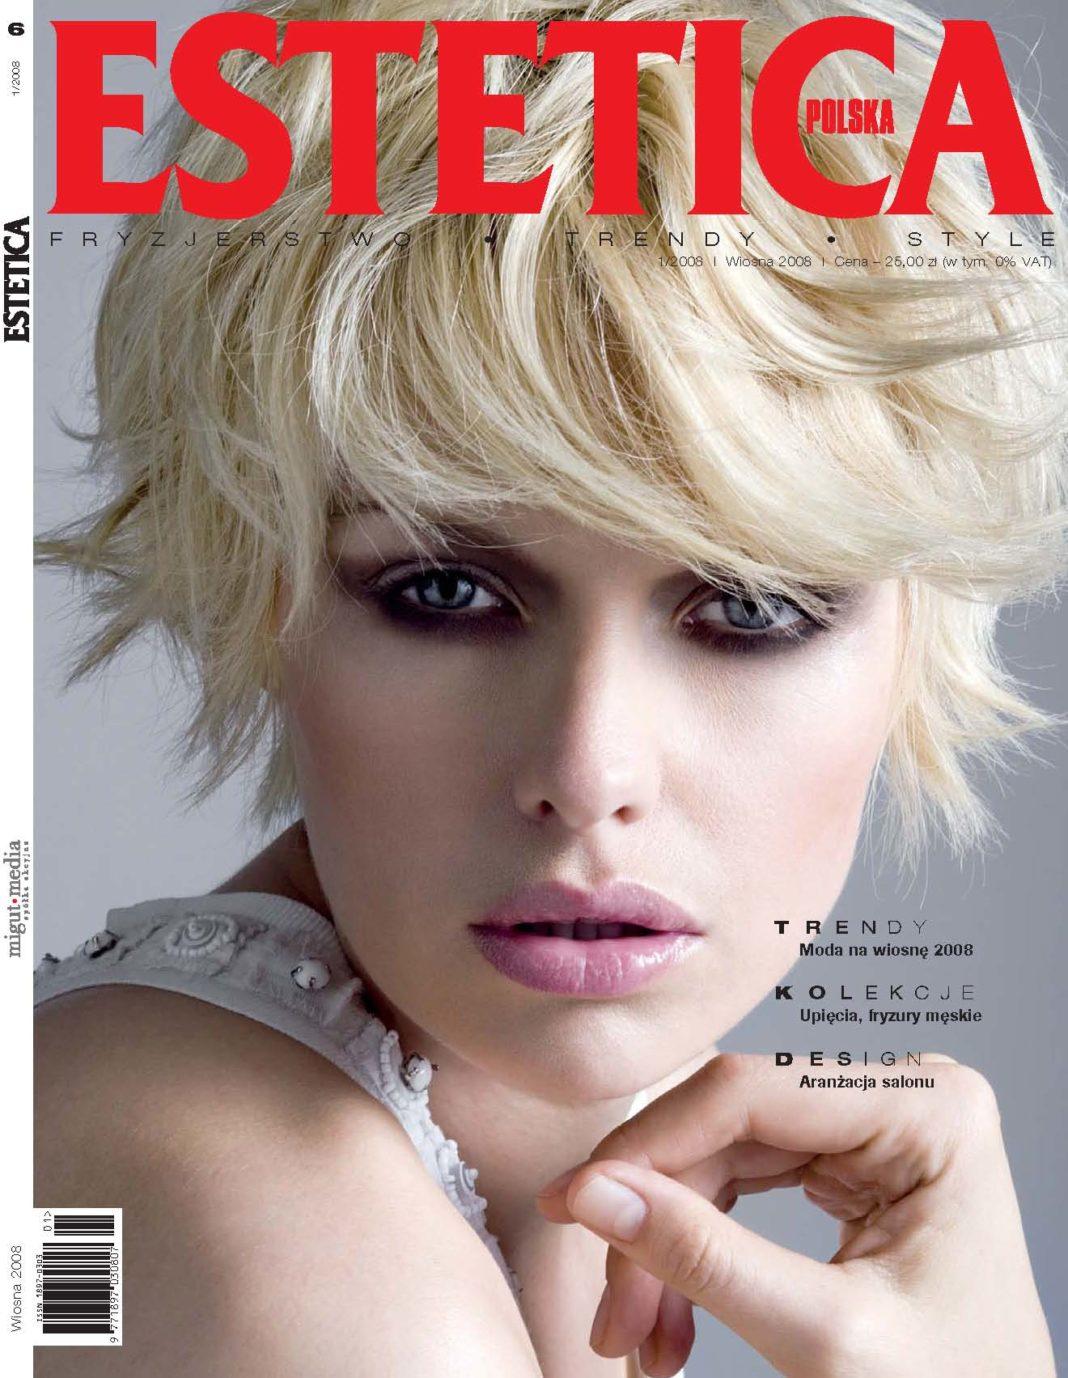 Wydanie Estetica Polska Wiosna 2008 Estetica Polska